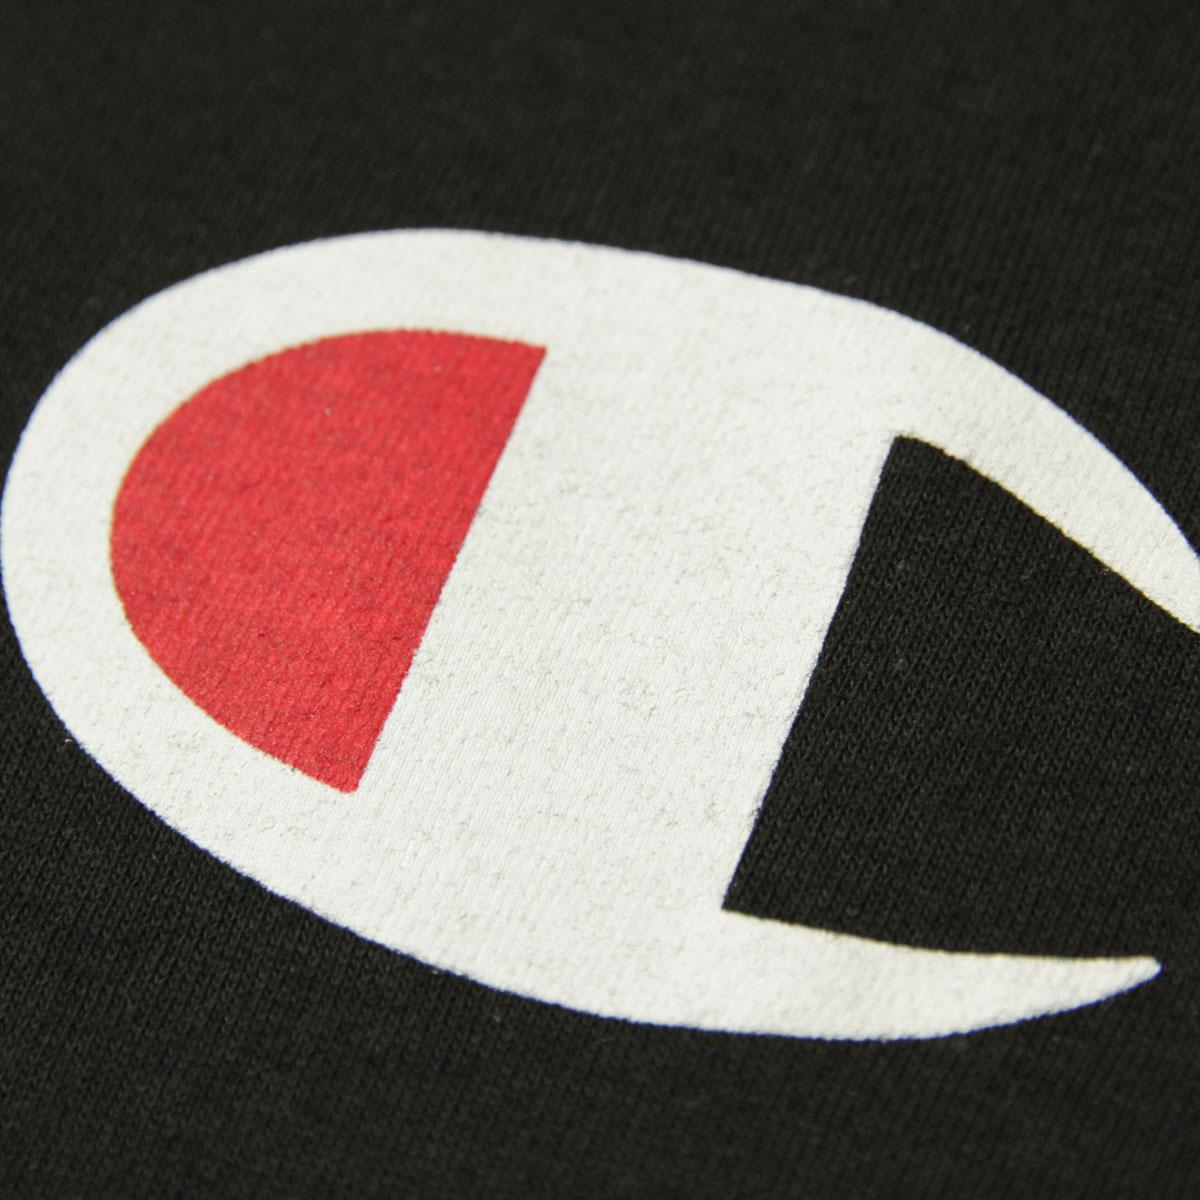 チャンピオン CHAMPION 正規品 メンズ 長袖Tシャツ L/S TEE T2229P Cotton Long Sleeve Tee 003-BLACK #549506 PATRIOTIC C LS